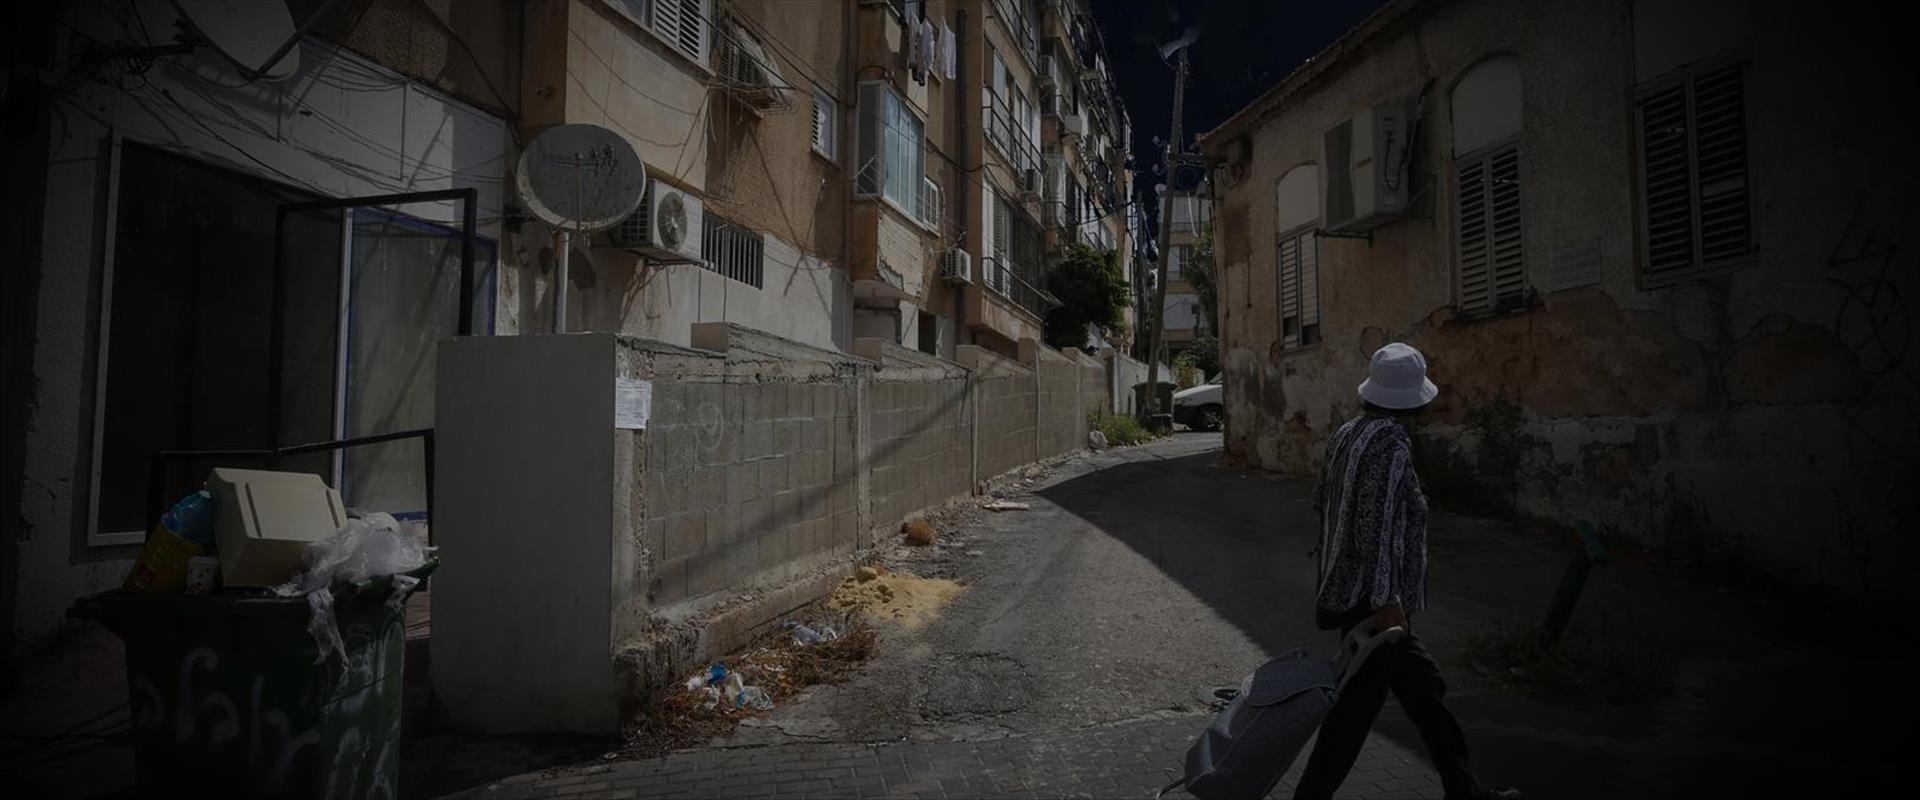 רחוב בפתח תקווה